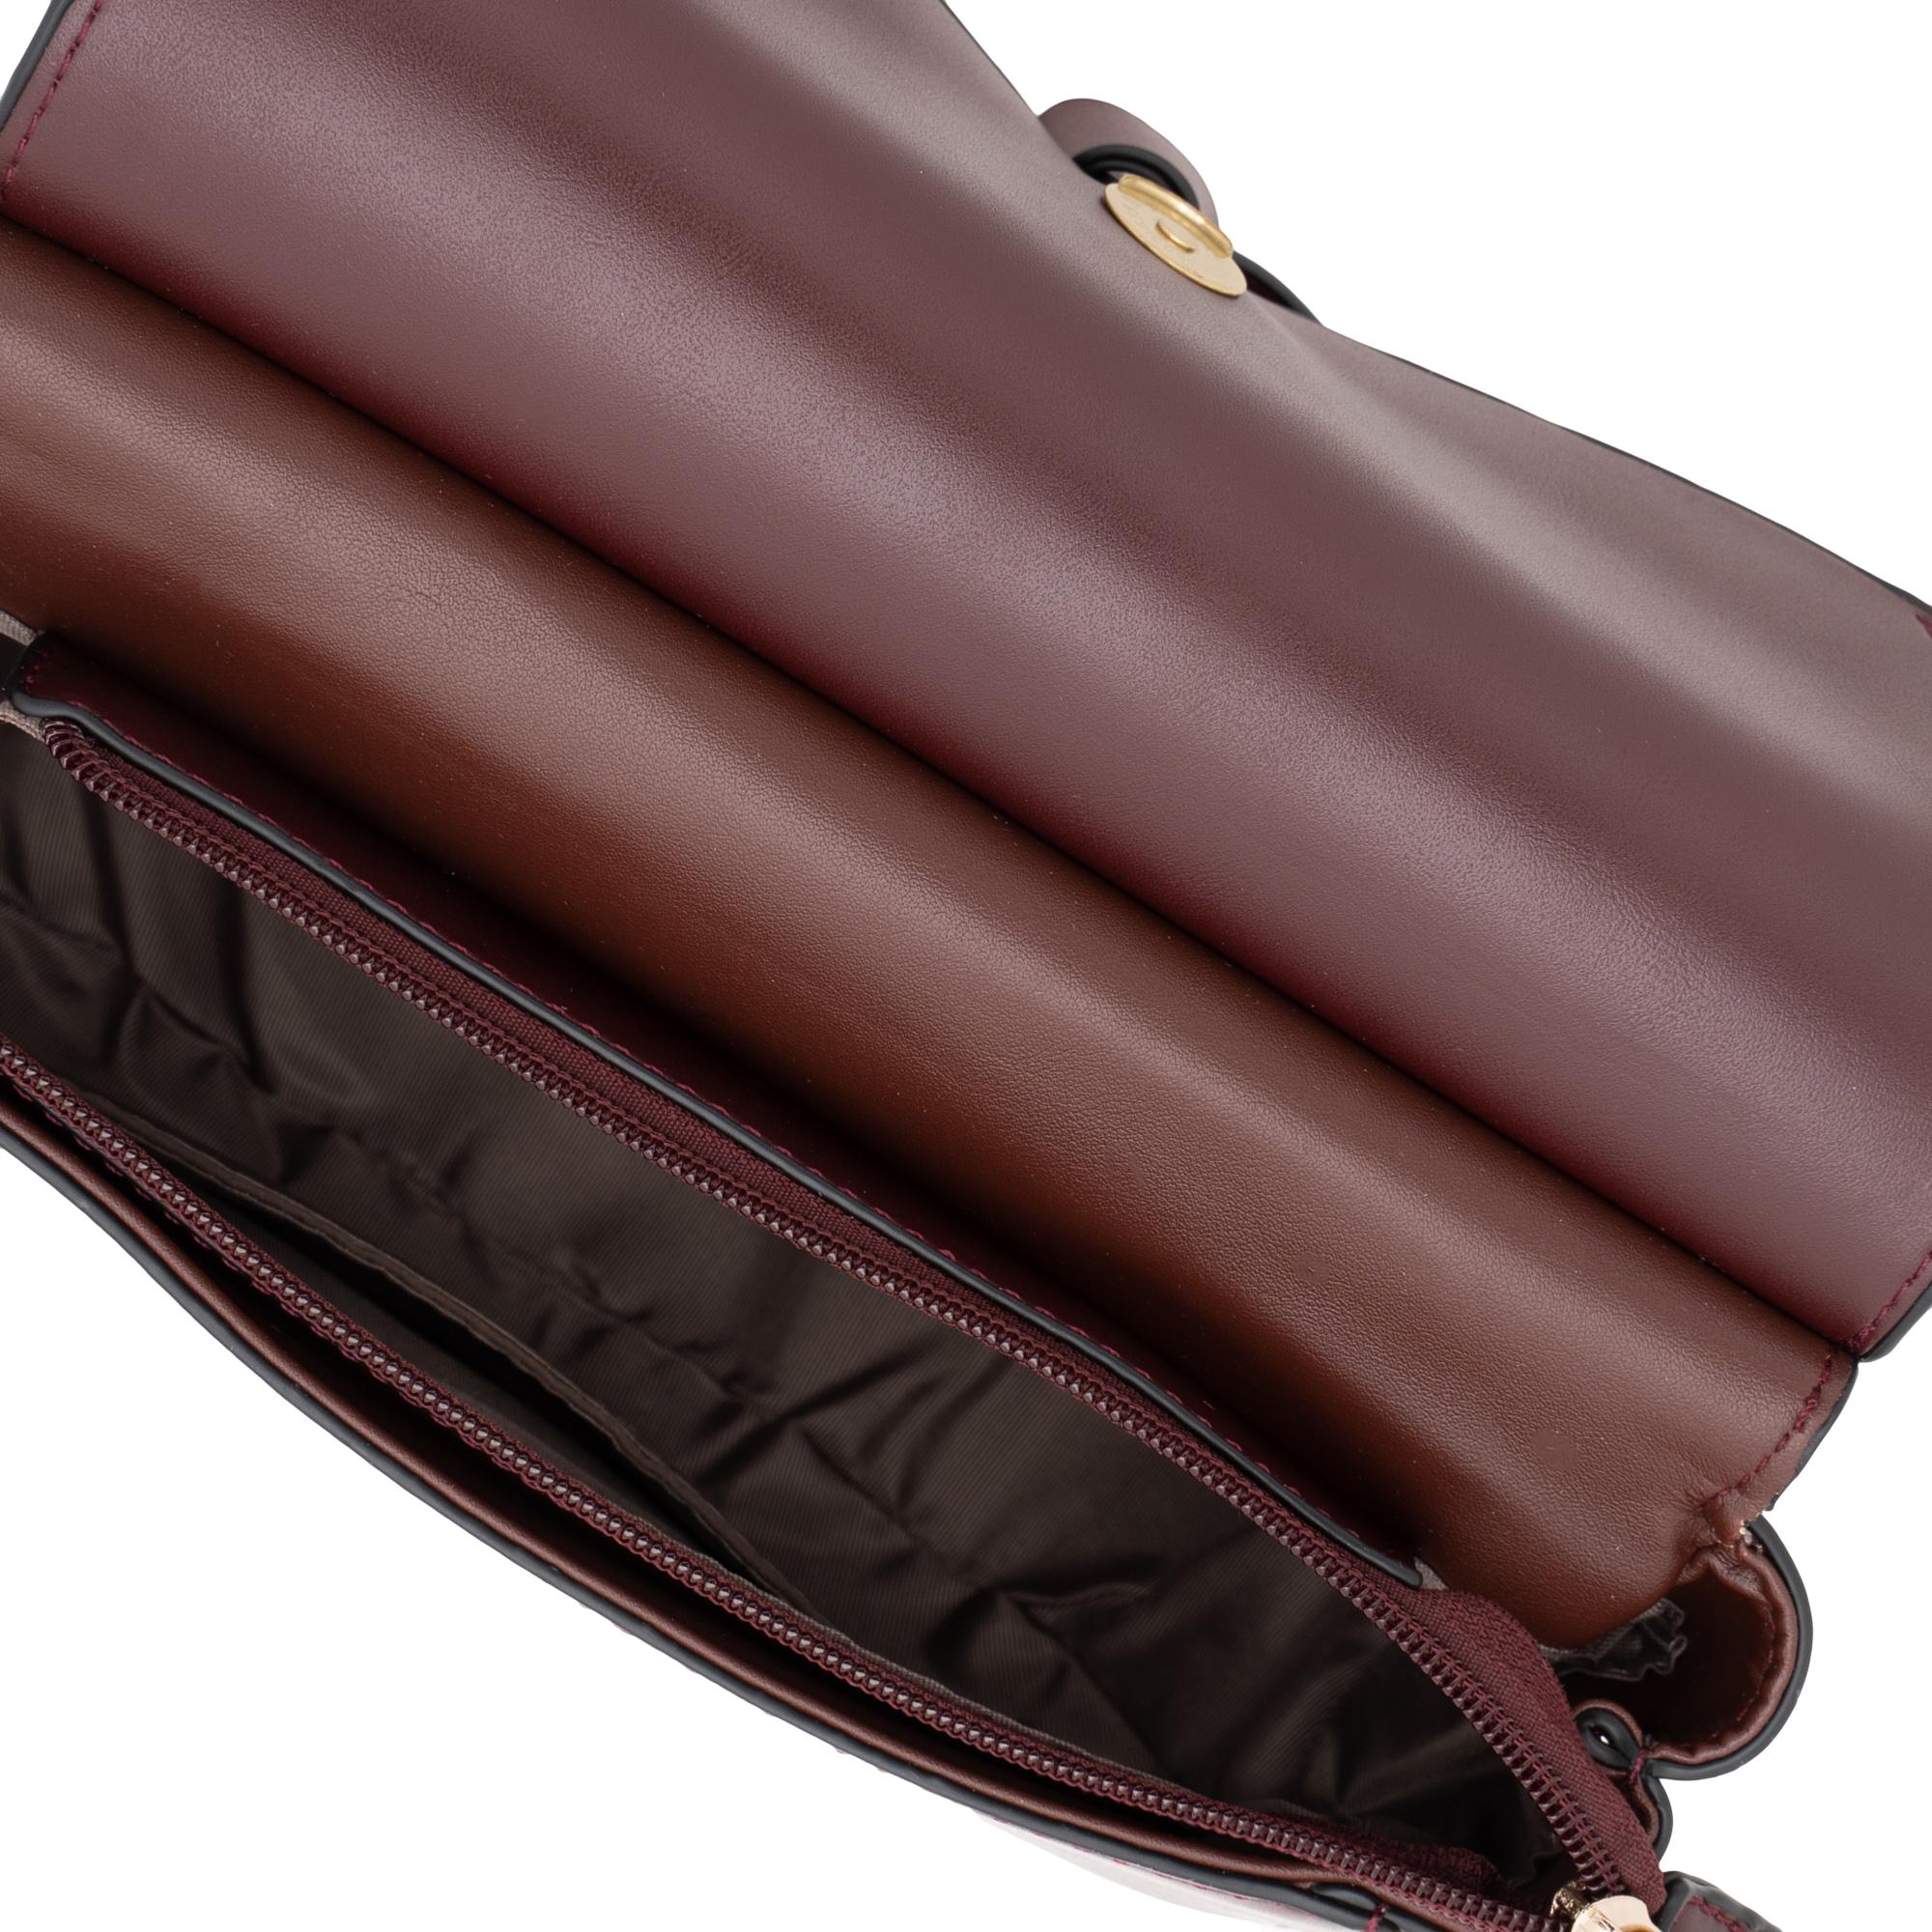 Tracey Half-Moon Crossbody Bag